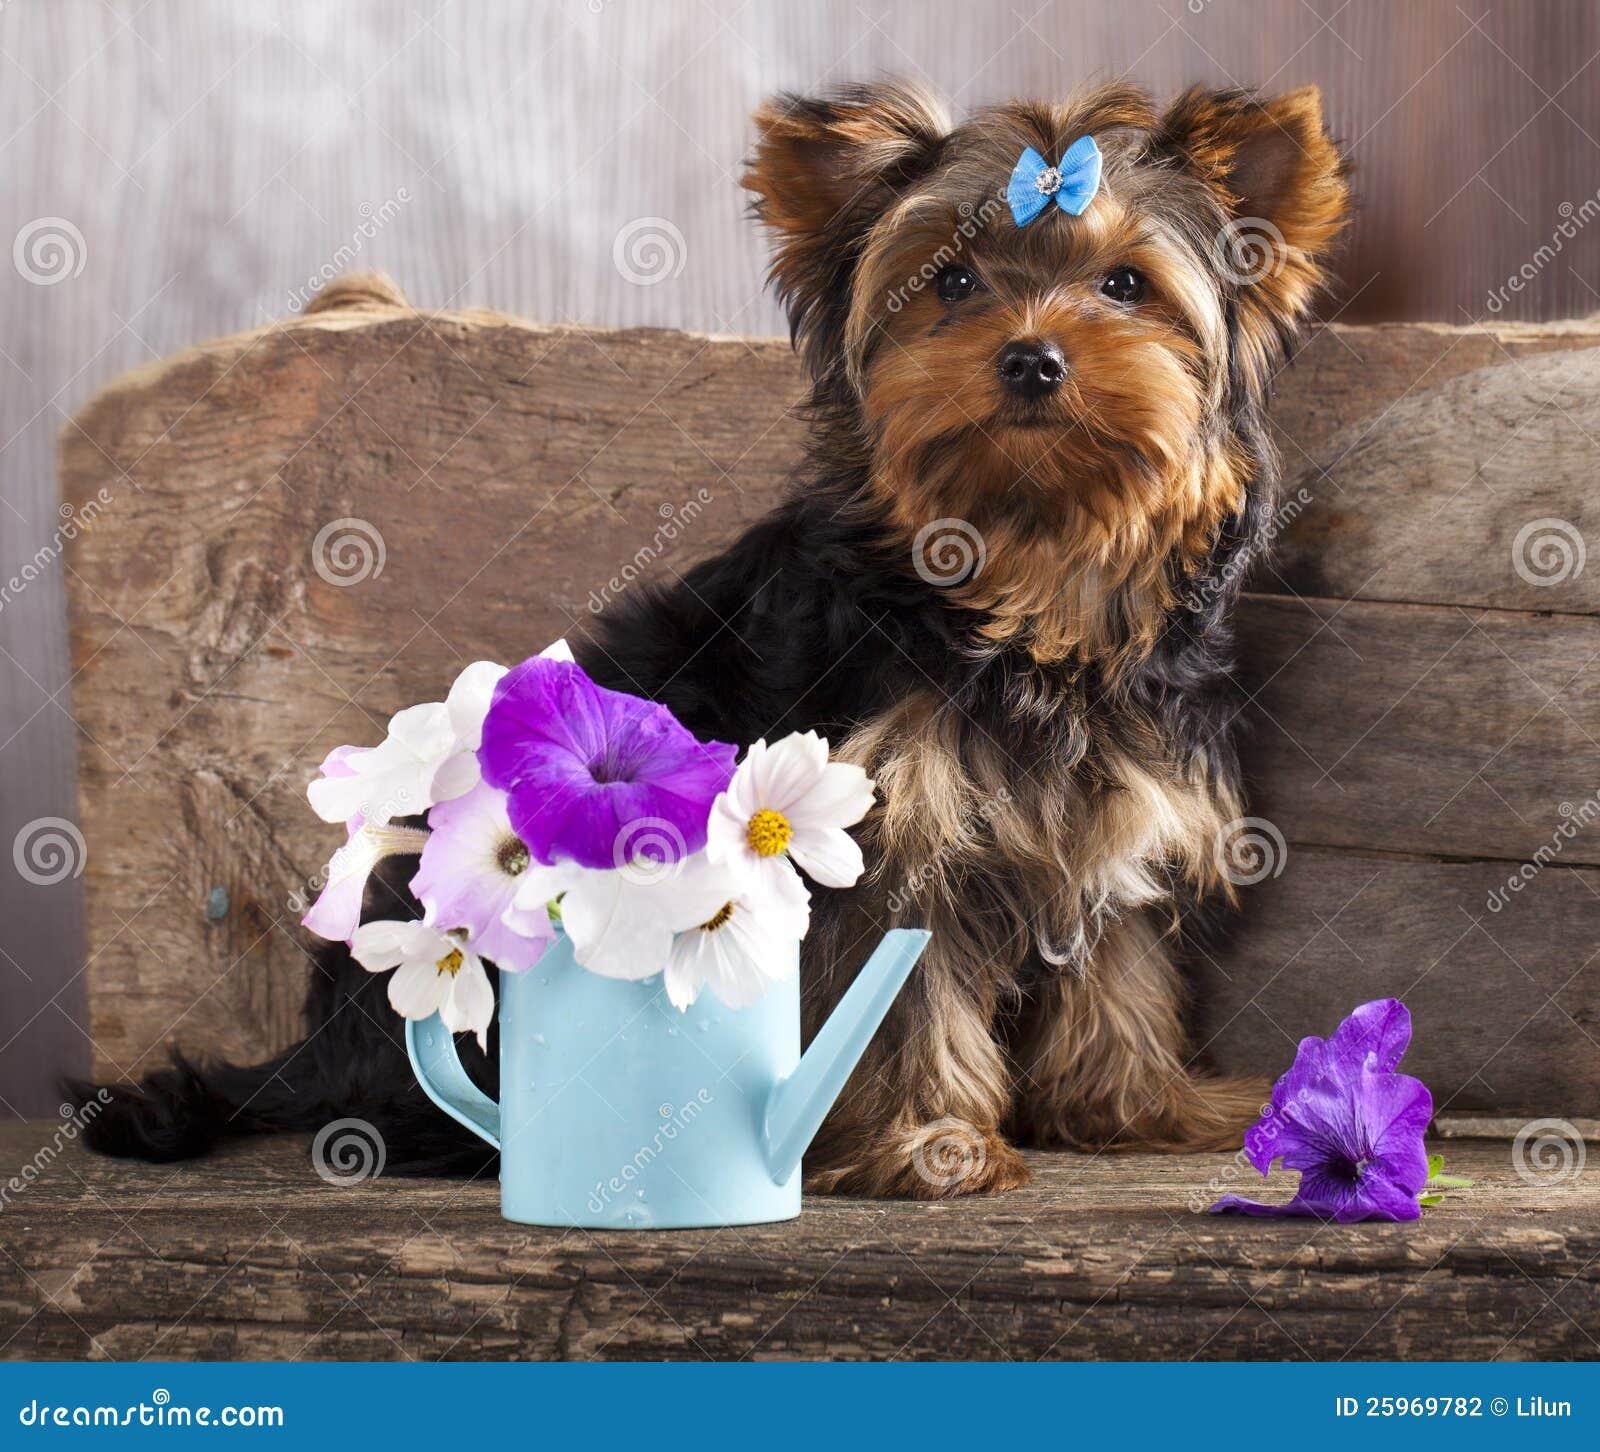 Yorkshire Welpe Und Blume Stockfoto Bild Von Kopf Geburtstag